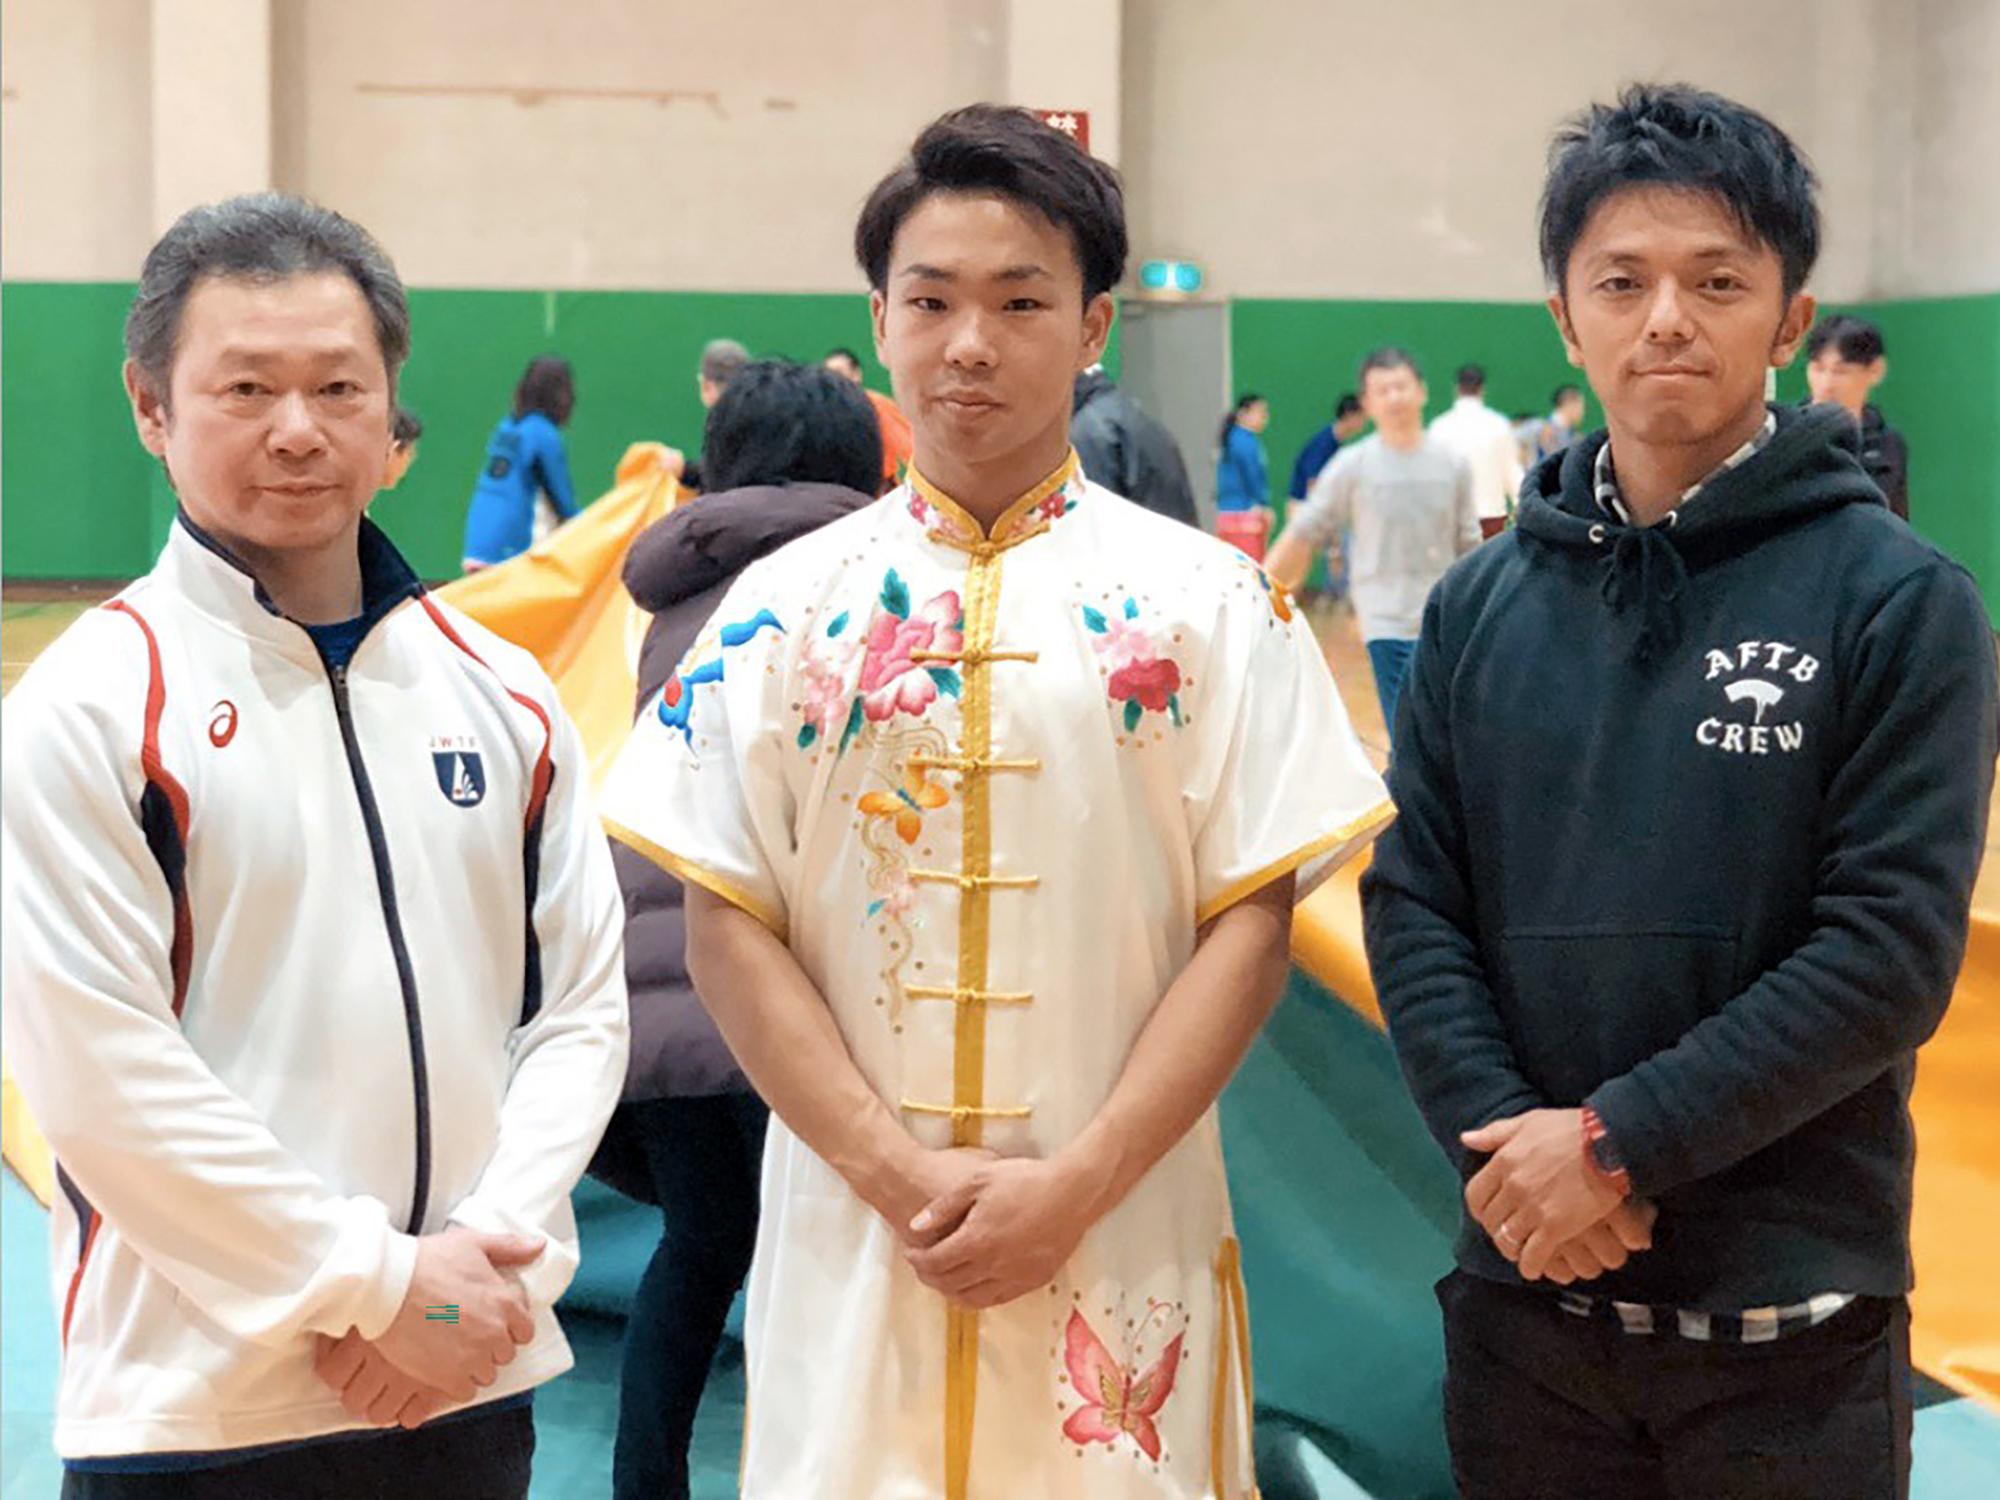 青藍拳社発表会にて三船英先生(左)と原田将司コーチ(右)と